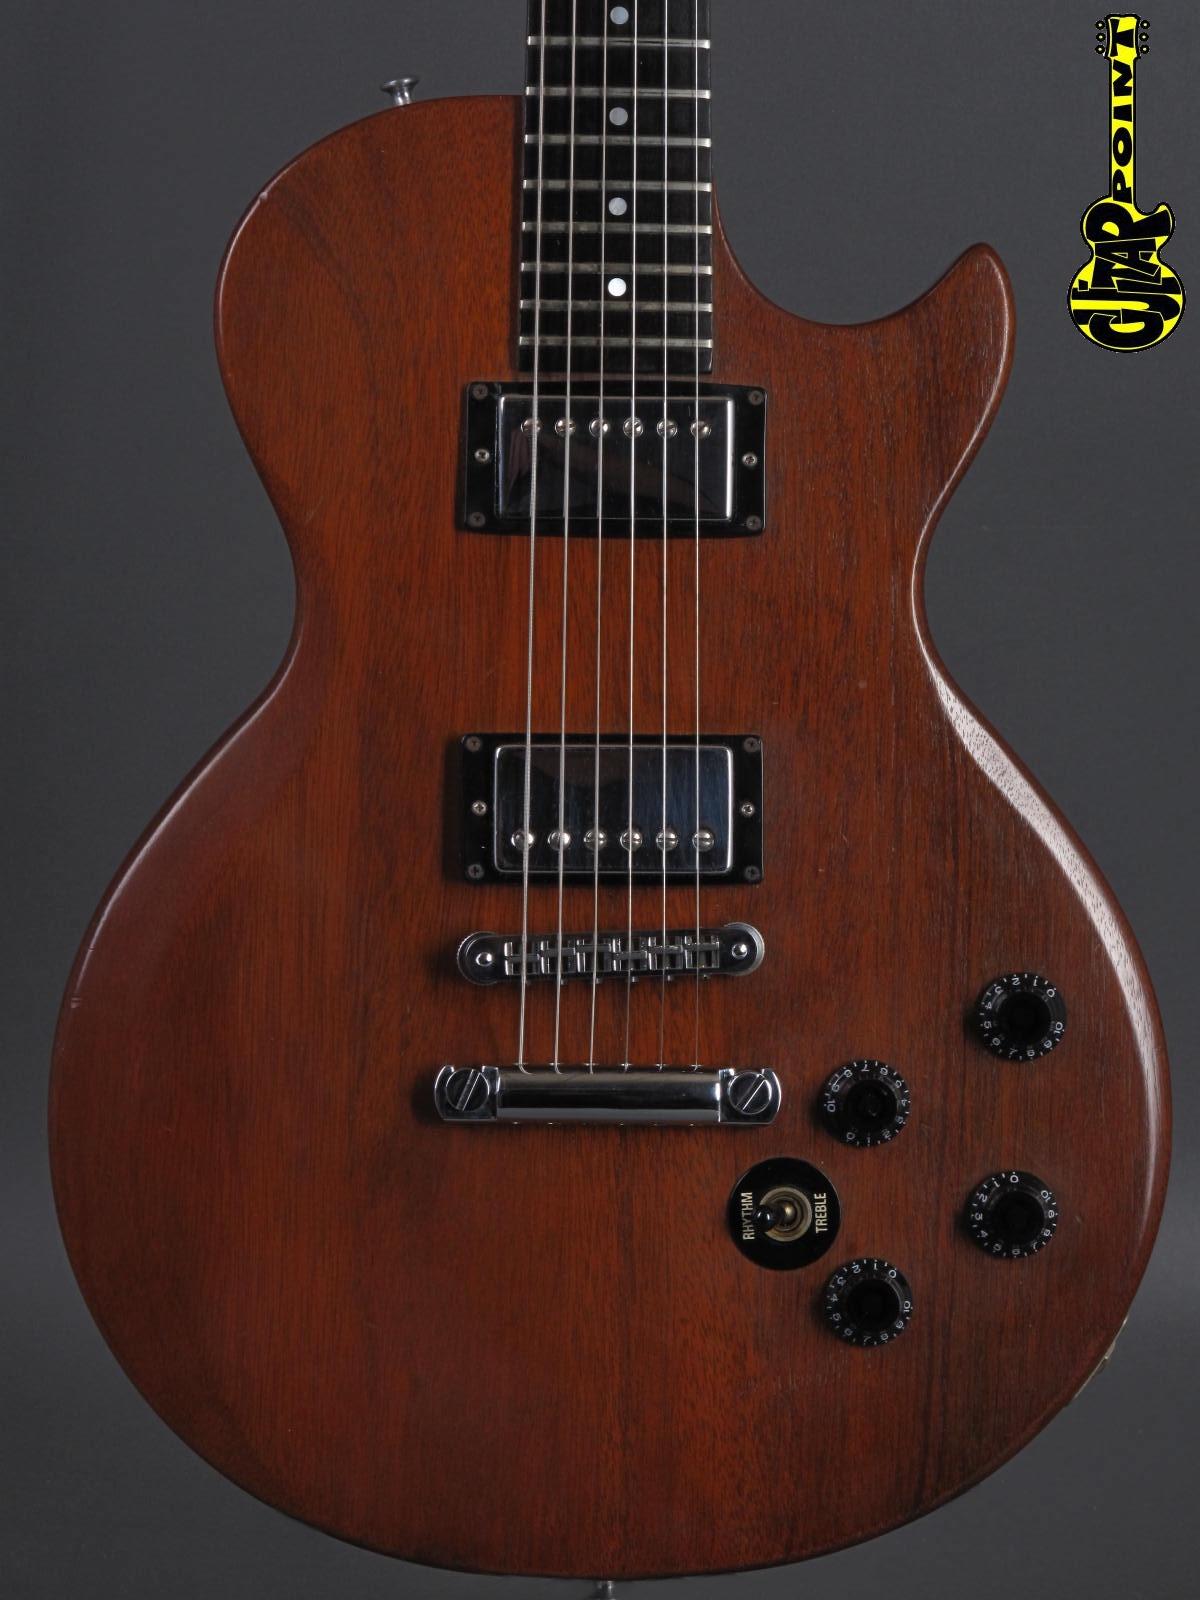 1980 Gibson Les Paul Firebrand - Natural Mahagony